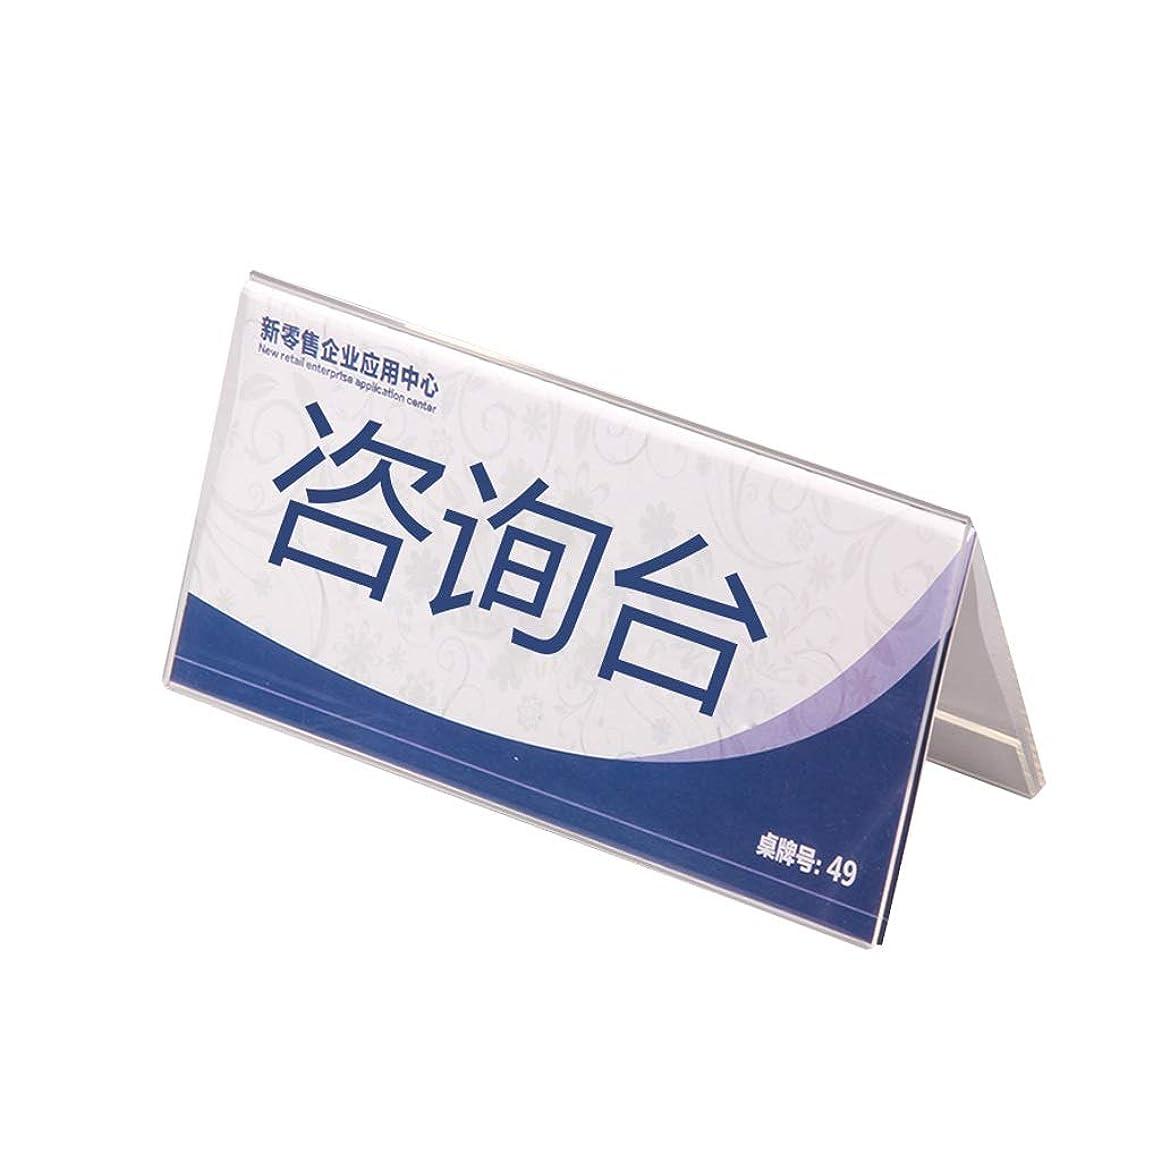 マーカー逆ビットSGMYMXメニューホルダー プロパガンダブラケットアクリルディスプレイスタンドデスクトップ両面座席カード10パック A4ディスプレイスタンド (Size : 120*80mm)